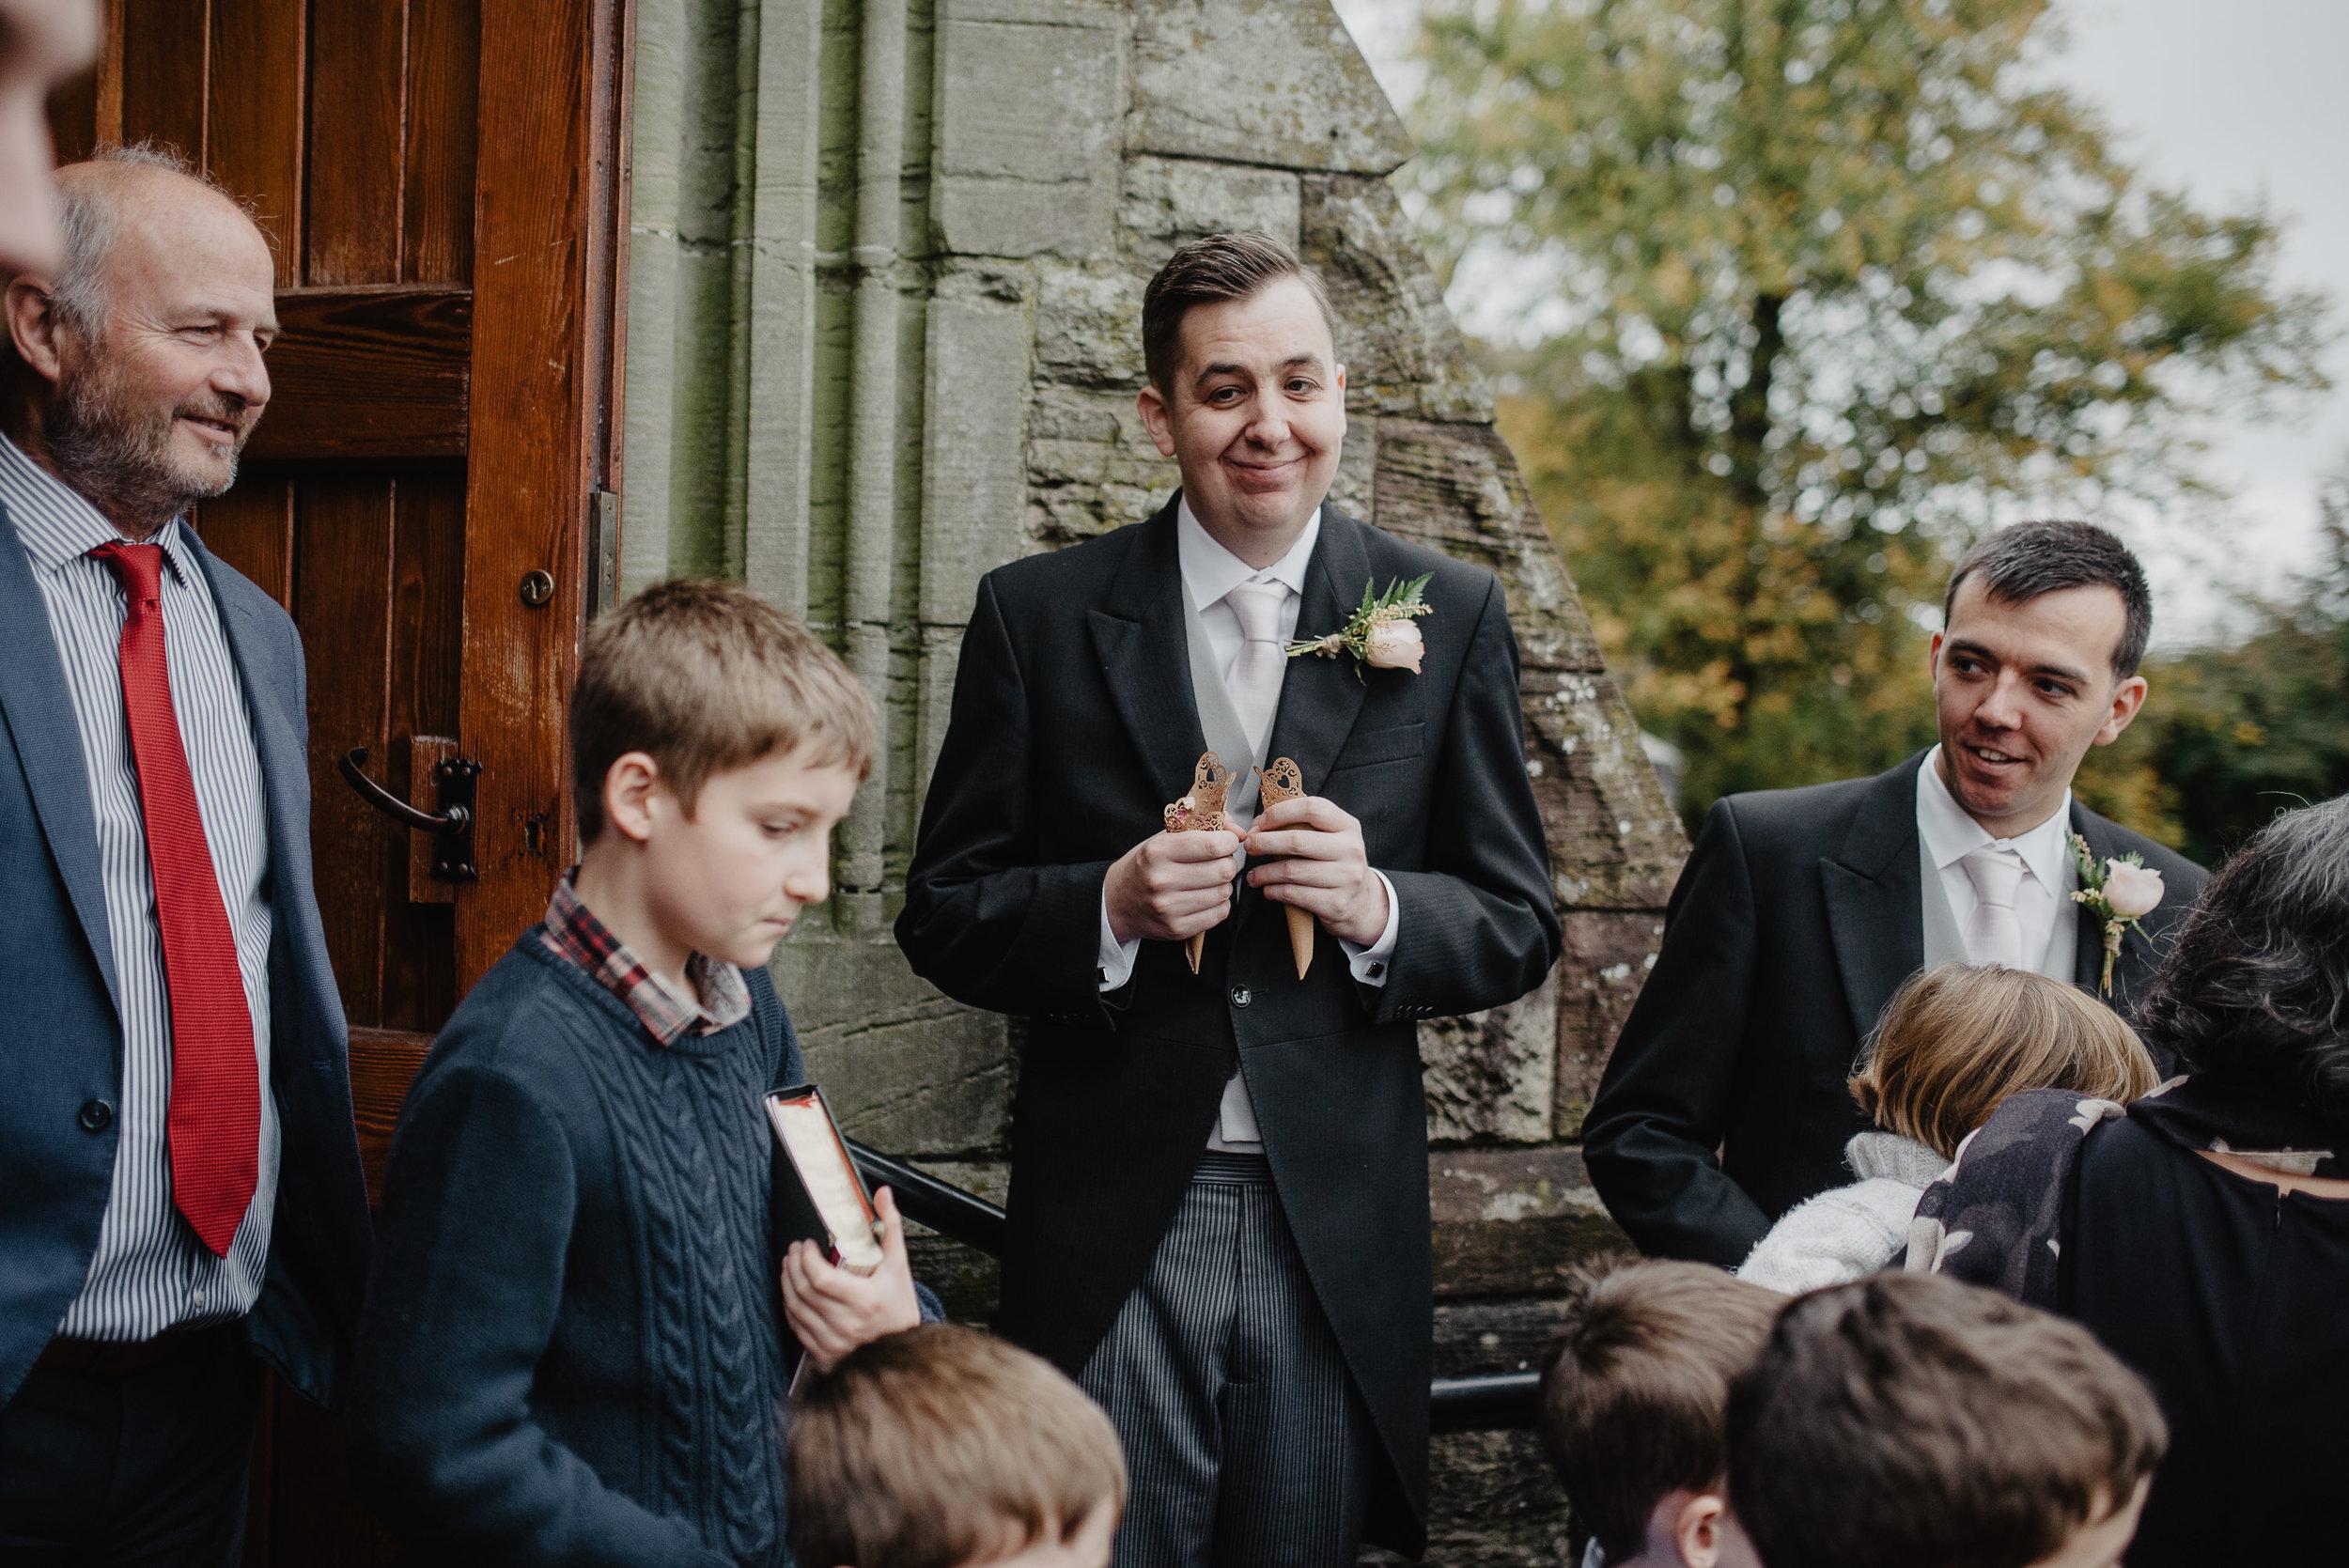 larchfield estate wedding photos-75.jpg